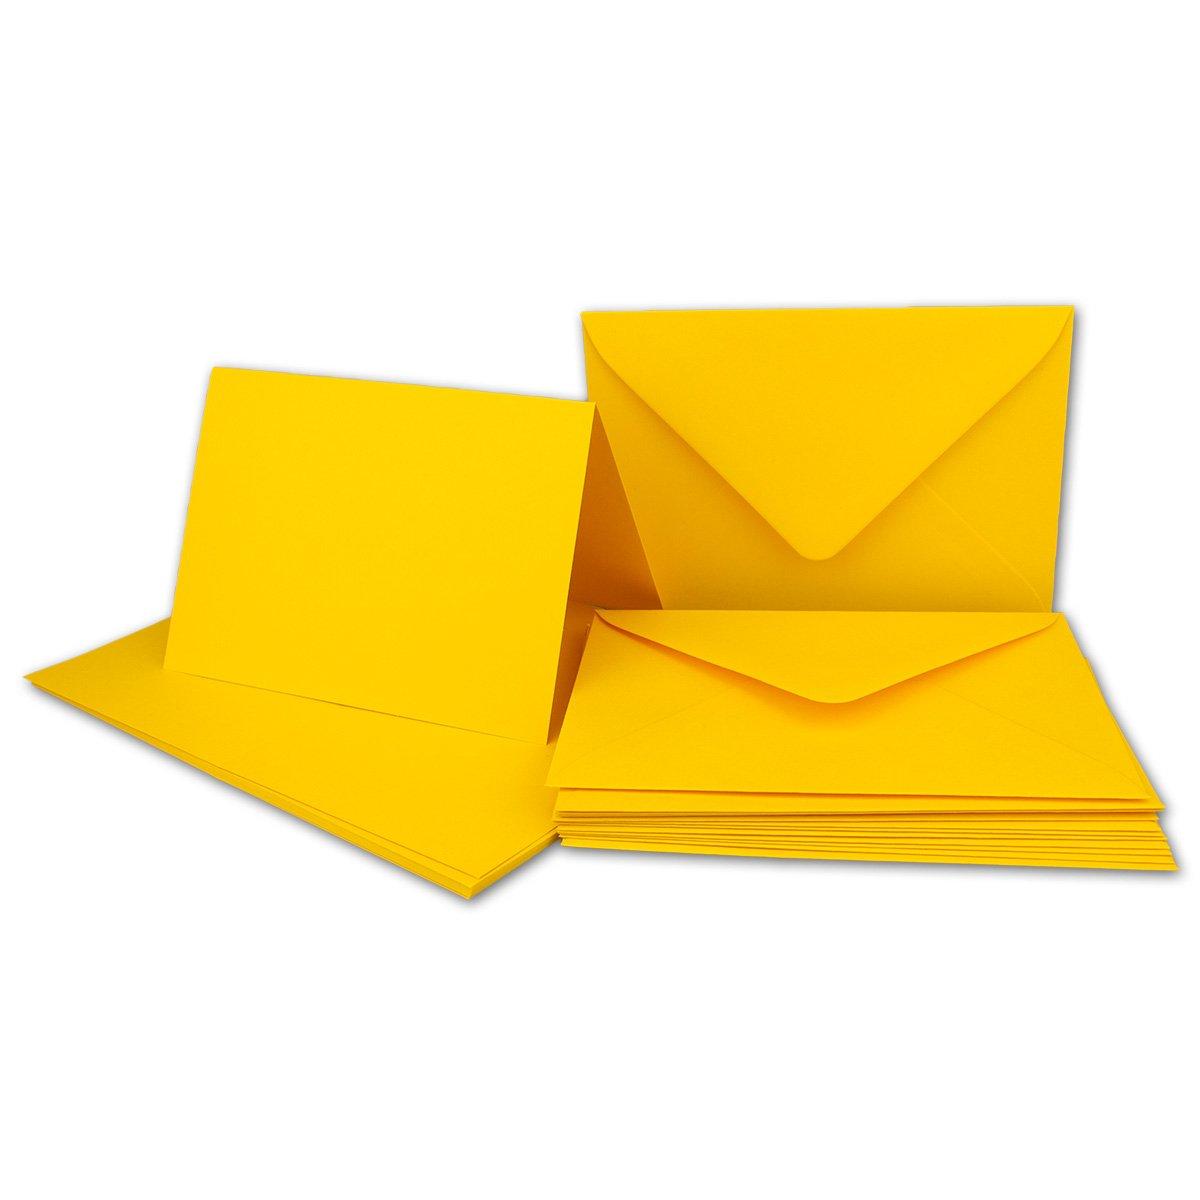 Faltkarten Set mit Brief-Umschlägen DIN A6   C6 in Rosanrot   100 Sets   14,8 x 10,5 cm   Premium Qualität   Serie FarbenFroh® B07B146PP1 | New Style